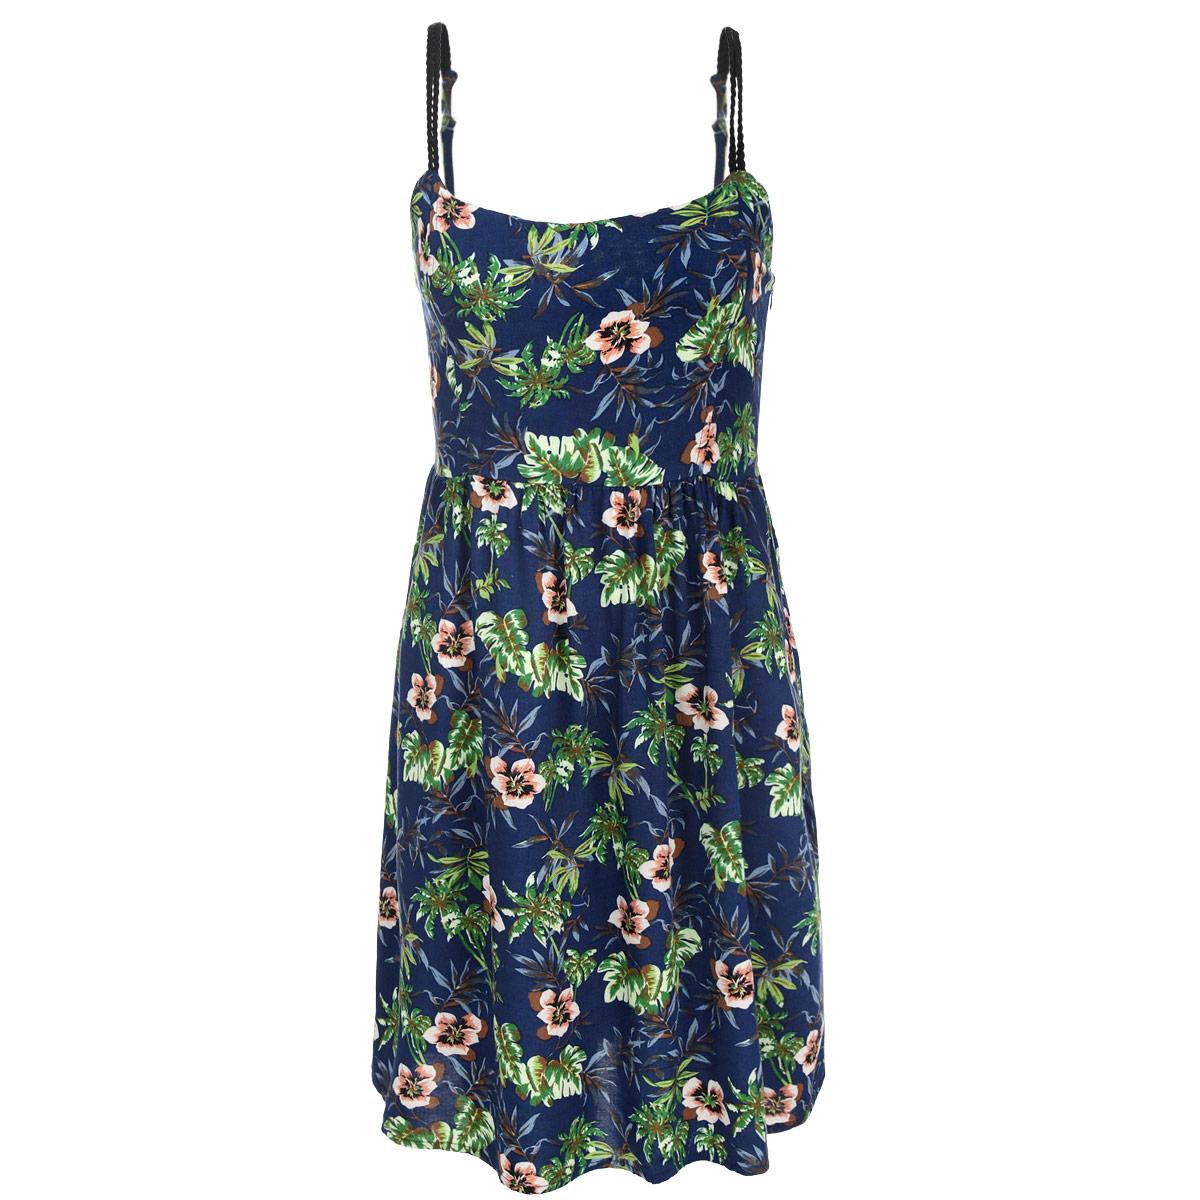 ПлатьеL-SU-1704 NAVYМодное платье Moodo, изготовленное из высококачественной вискозы с цветочным принтом, подарит вам ощущение праздника и комфорта. Модель средней длины, на тонких двойных бретельках, на спине дополнена мелкой резинкой, что обеспечивает наилучшую посадку. Лямки регулируются по длине. Сбоку изделие застегивается на потайную молнию. В этом платье вы всегда будете чувствовать себя уверенно, оставаясь в центре внимания.